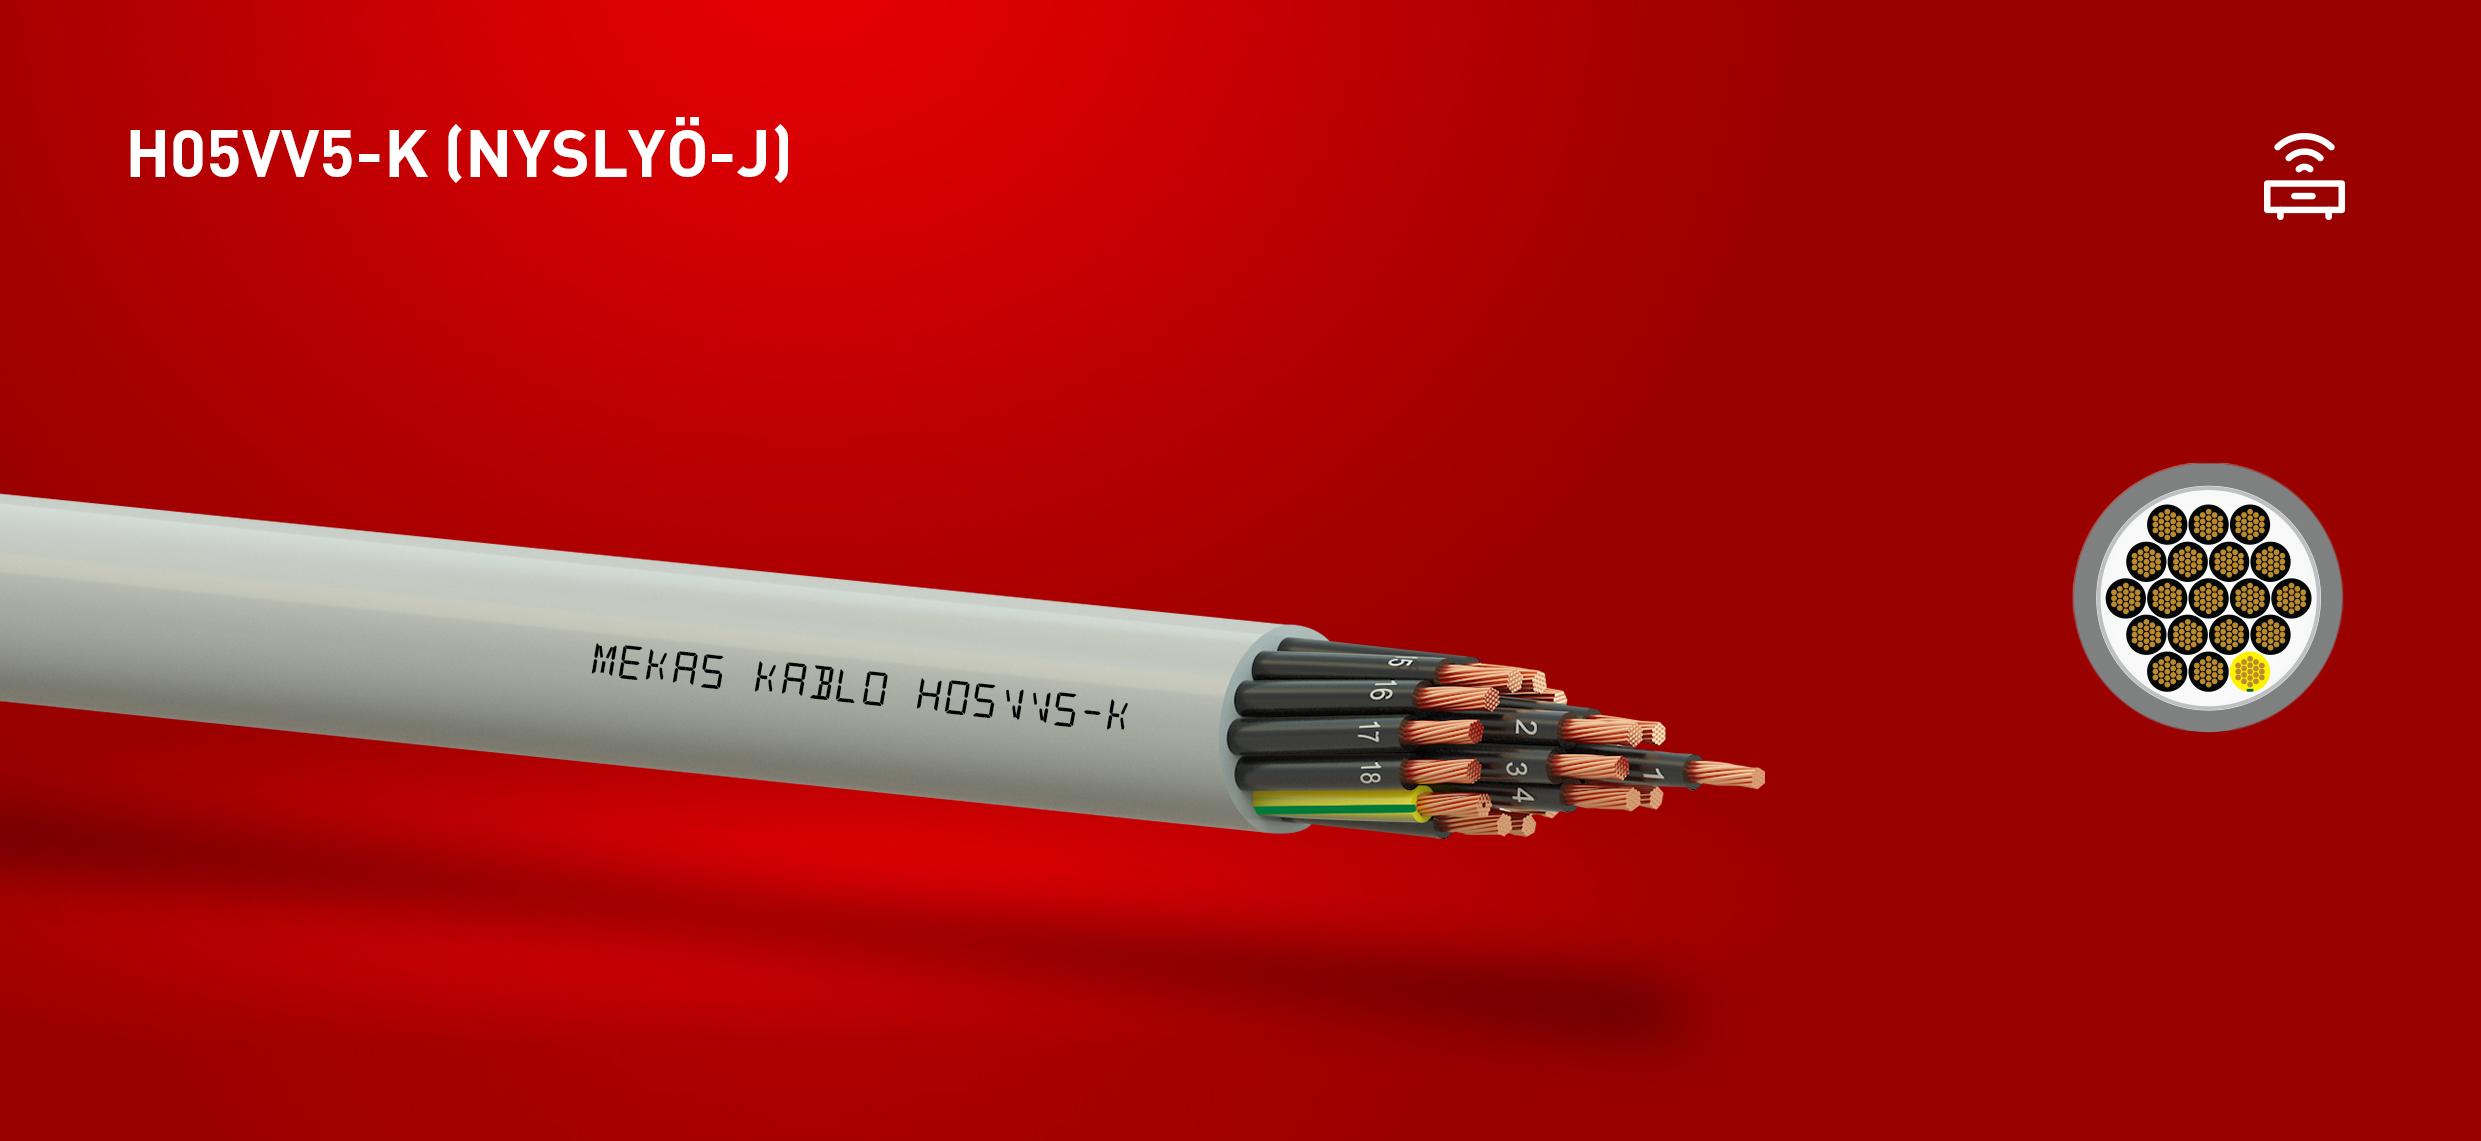 H05VV5-K (NYSLYÖ-J)